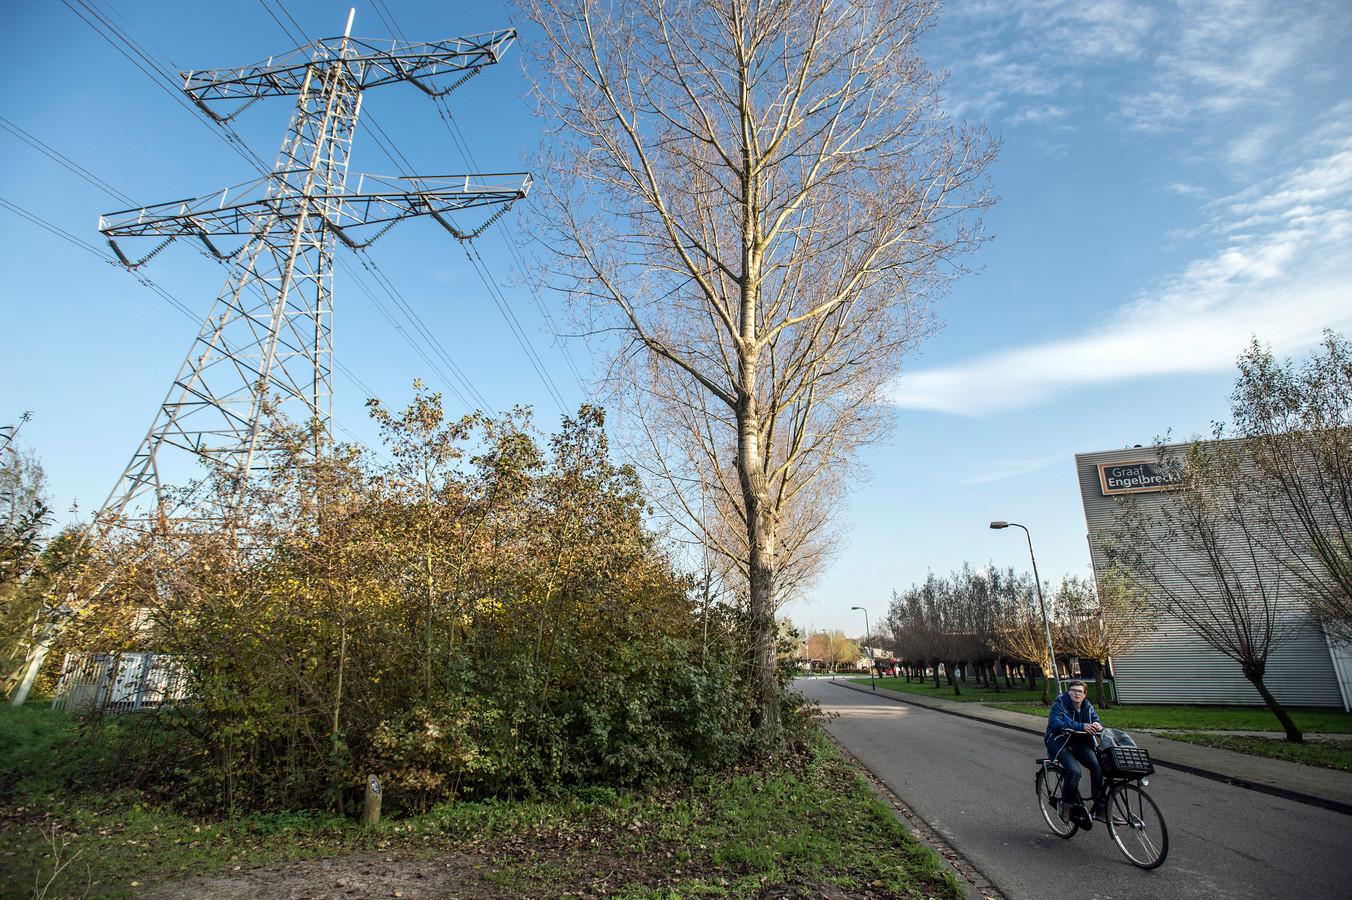 De huidige 150kV-hoogspanningslijn in de Haagse Beemden loopt dwars door de woonwijk. De school Graaf Engelbrecht, hierboven op de foto, staat op een afstand van 25 meter van het tracé.